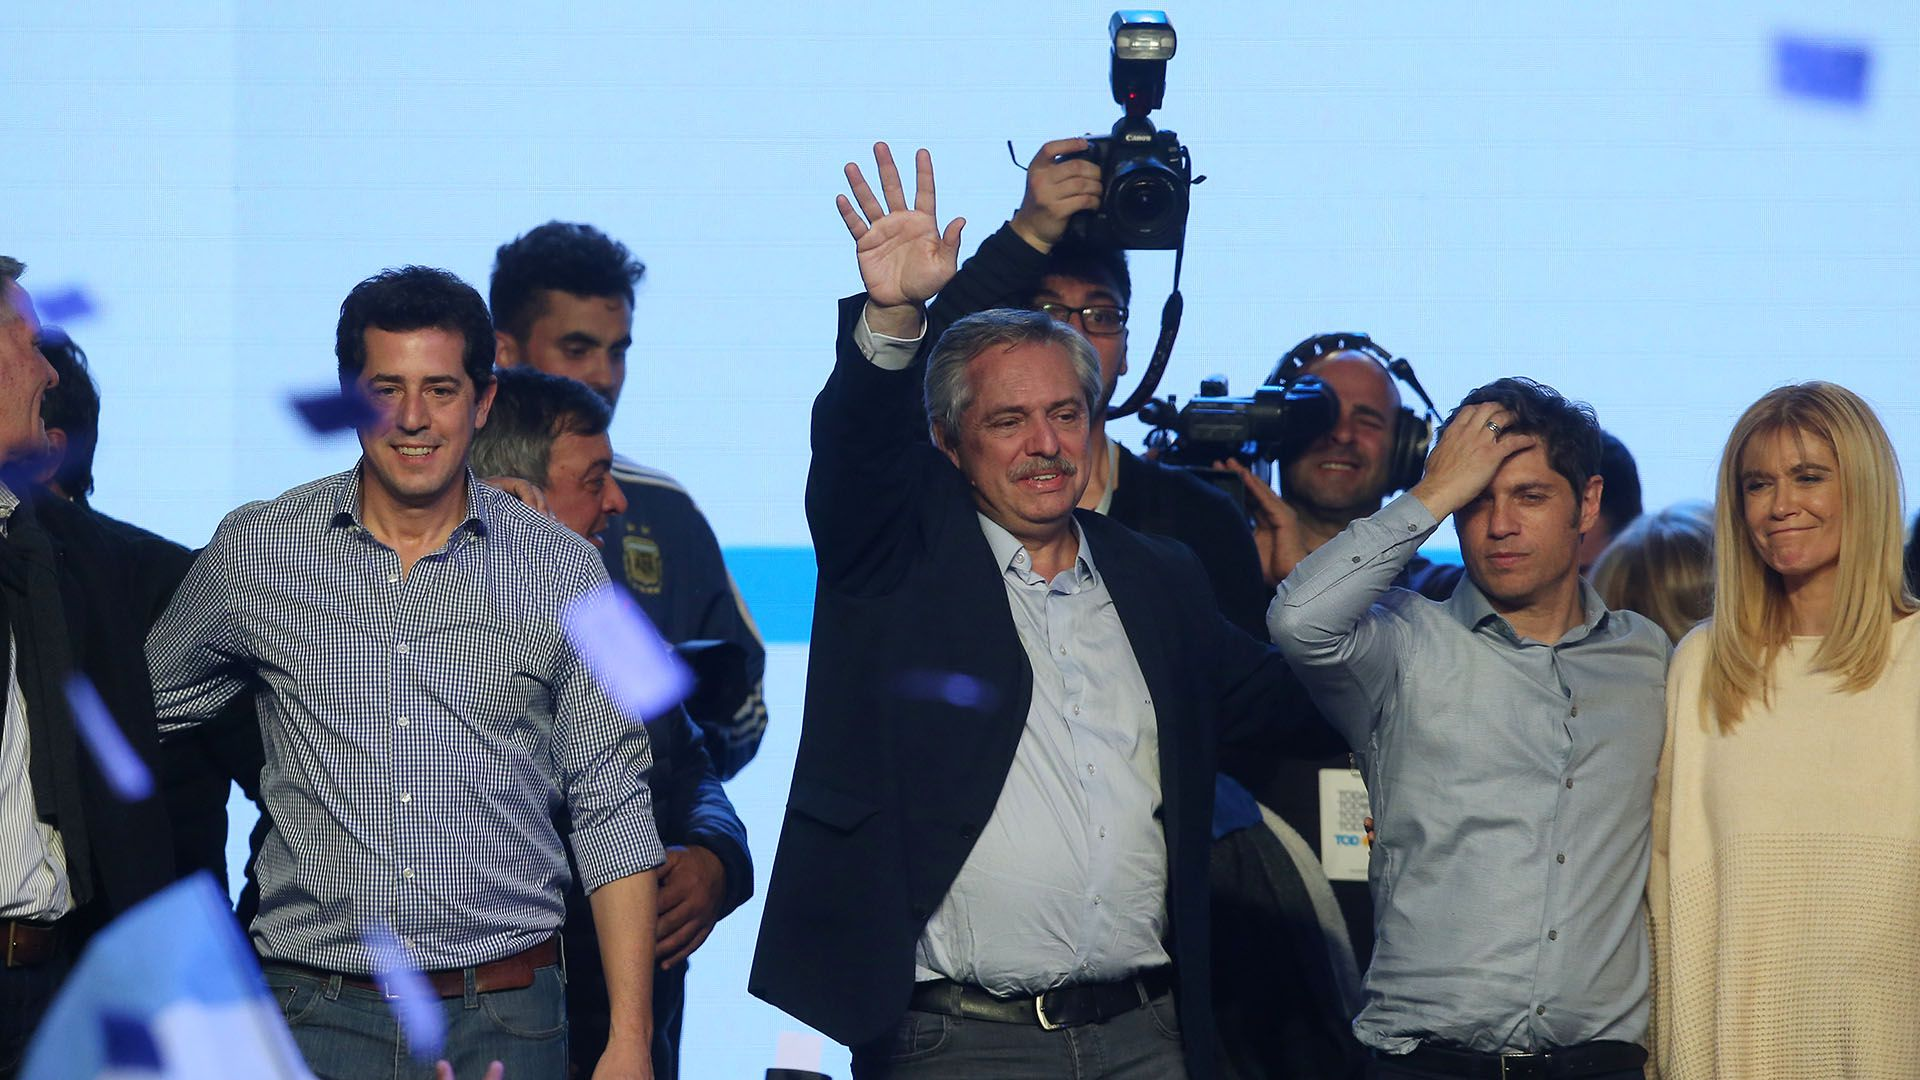 Wado De Pedro, Alberto Fernández, Axel Kicillof y Verónica Magario (REUTERS/Agustin Marcarian)